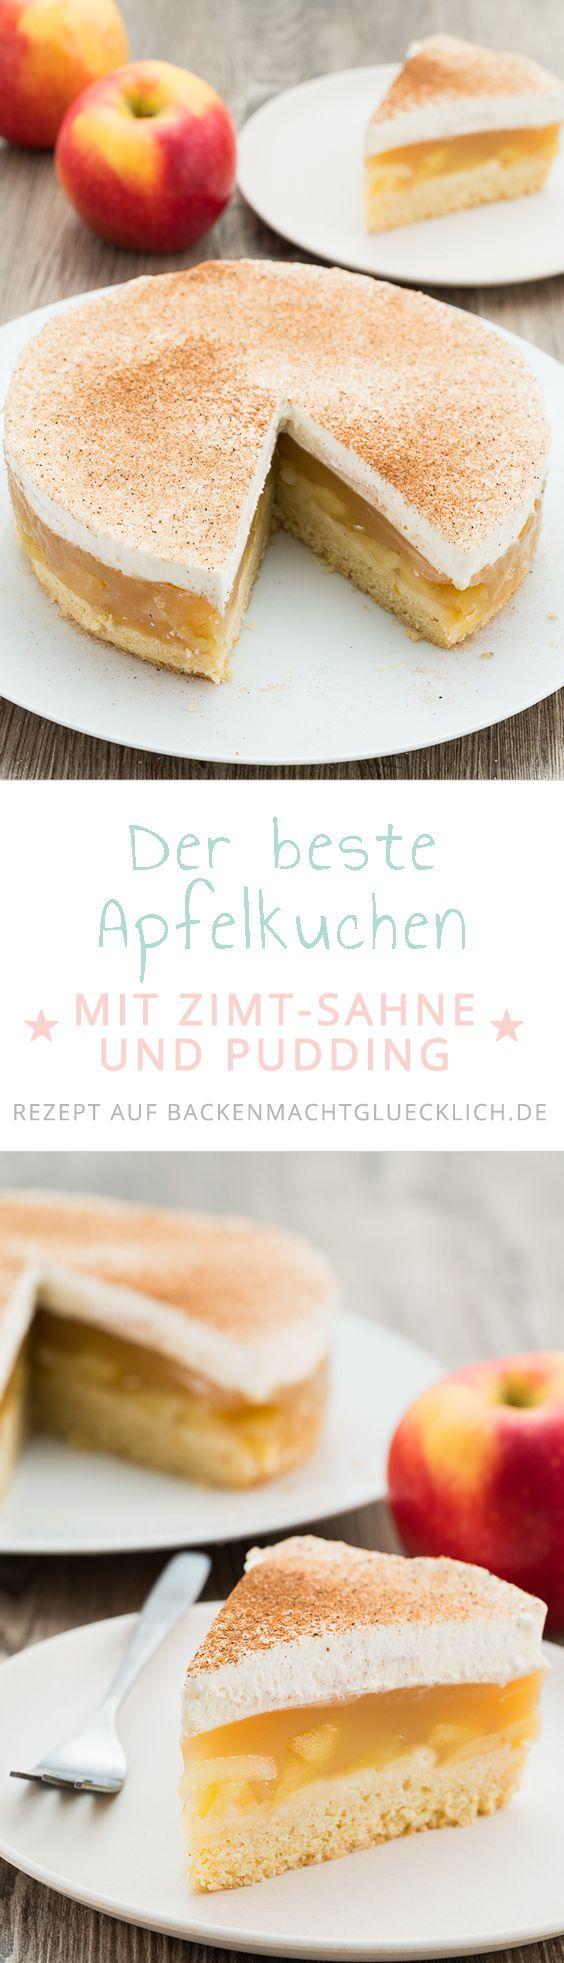 Apfel Sahne Torte Mit Pudding Rezept Kuchen Rezepte Apfelkuchen Rezept Und Kuchen Und Torten